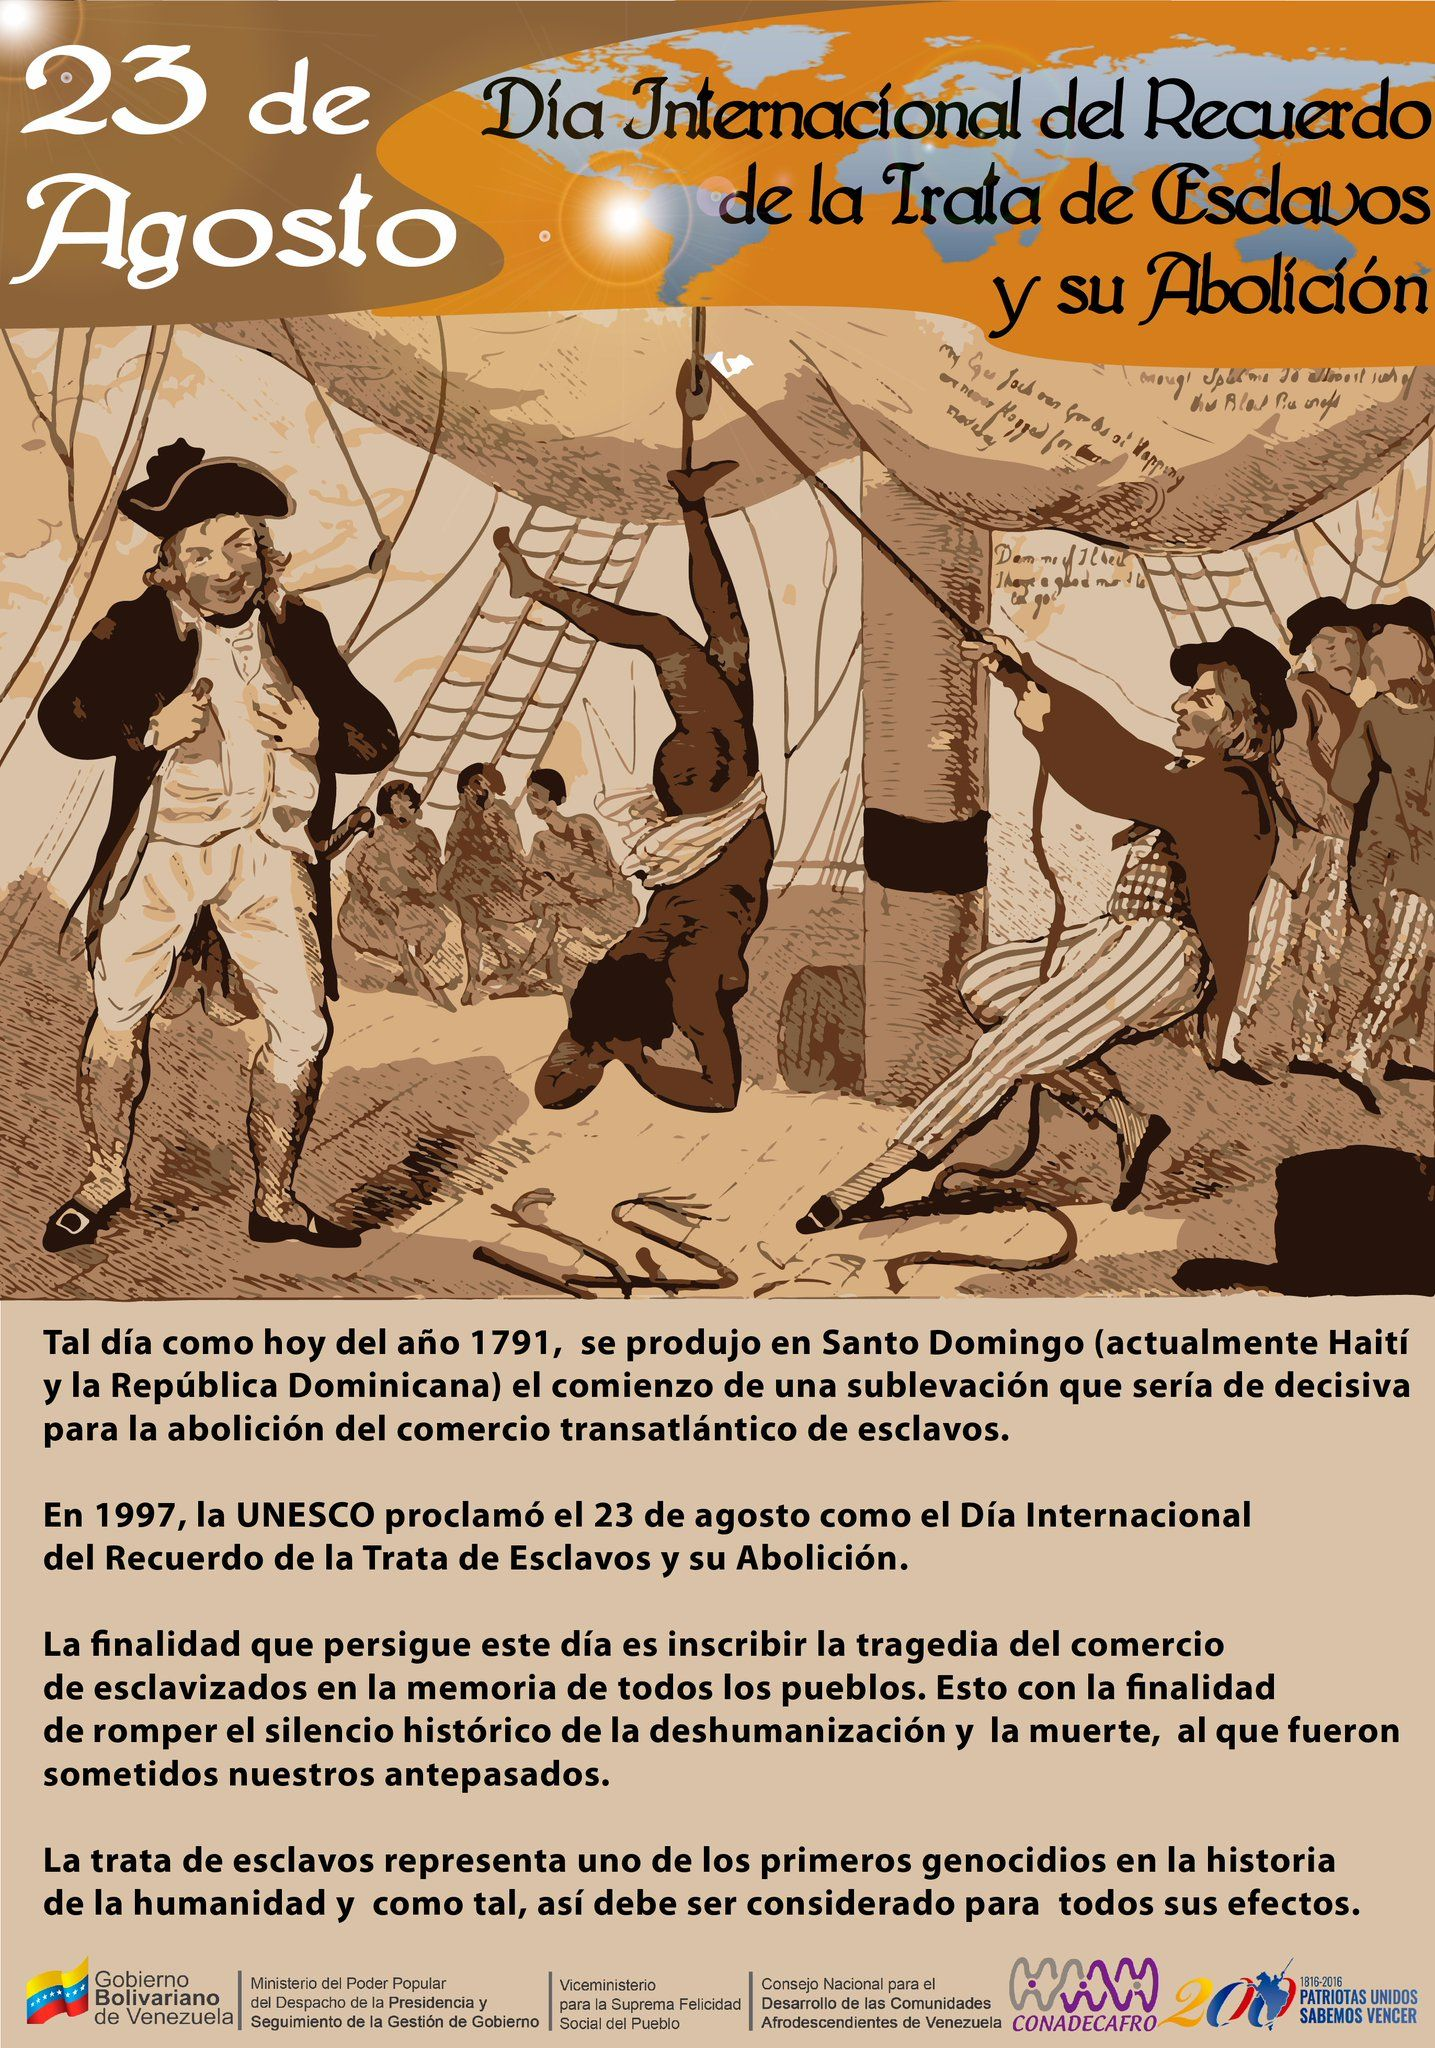 """CONADECAFRO on Twitter: """"23 de agosto día Internacional del Recuerdo de la Trata de Esclavos y su Abolición. https://t.co/fJtZKzKc0X"""""""